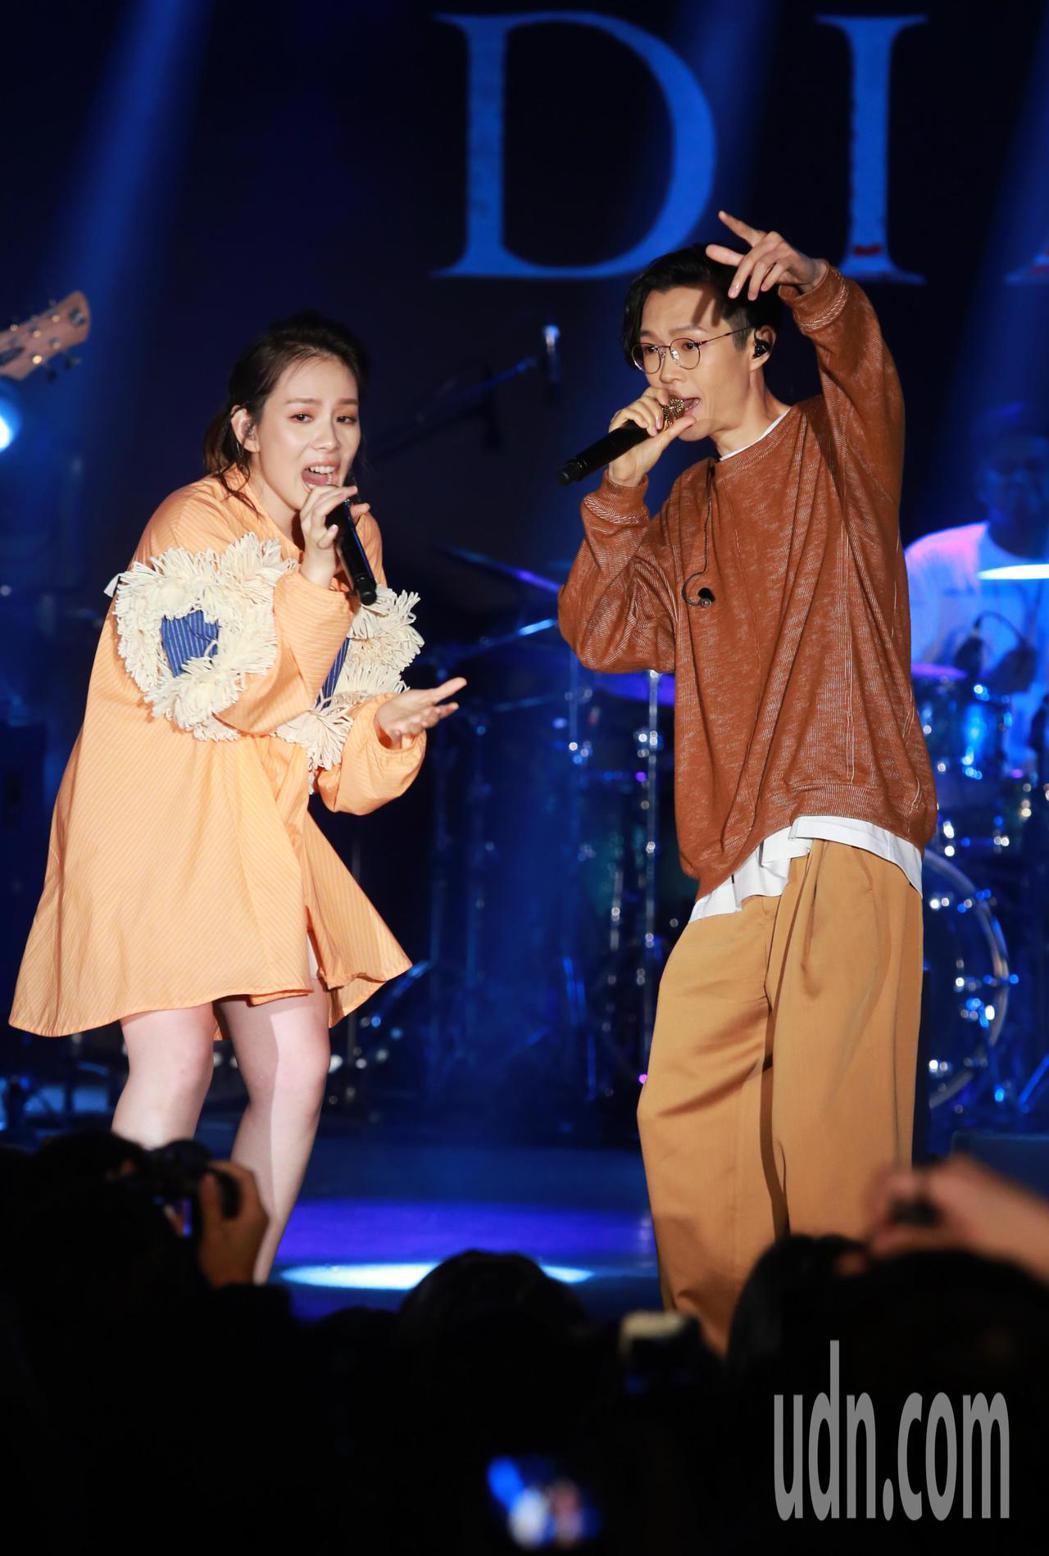 王詩安與方大同今晚在NeoStudio舉行的「金曲售票演唱會」中合體開唱。記者徐